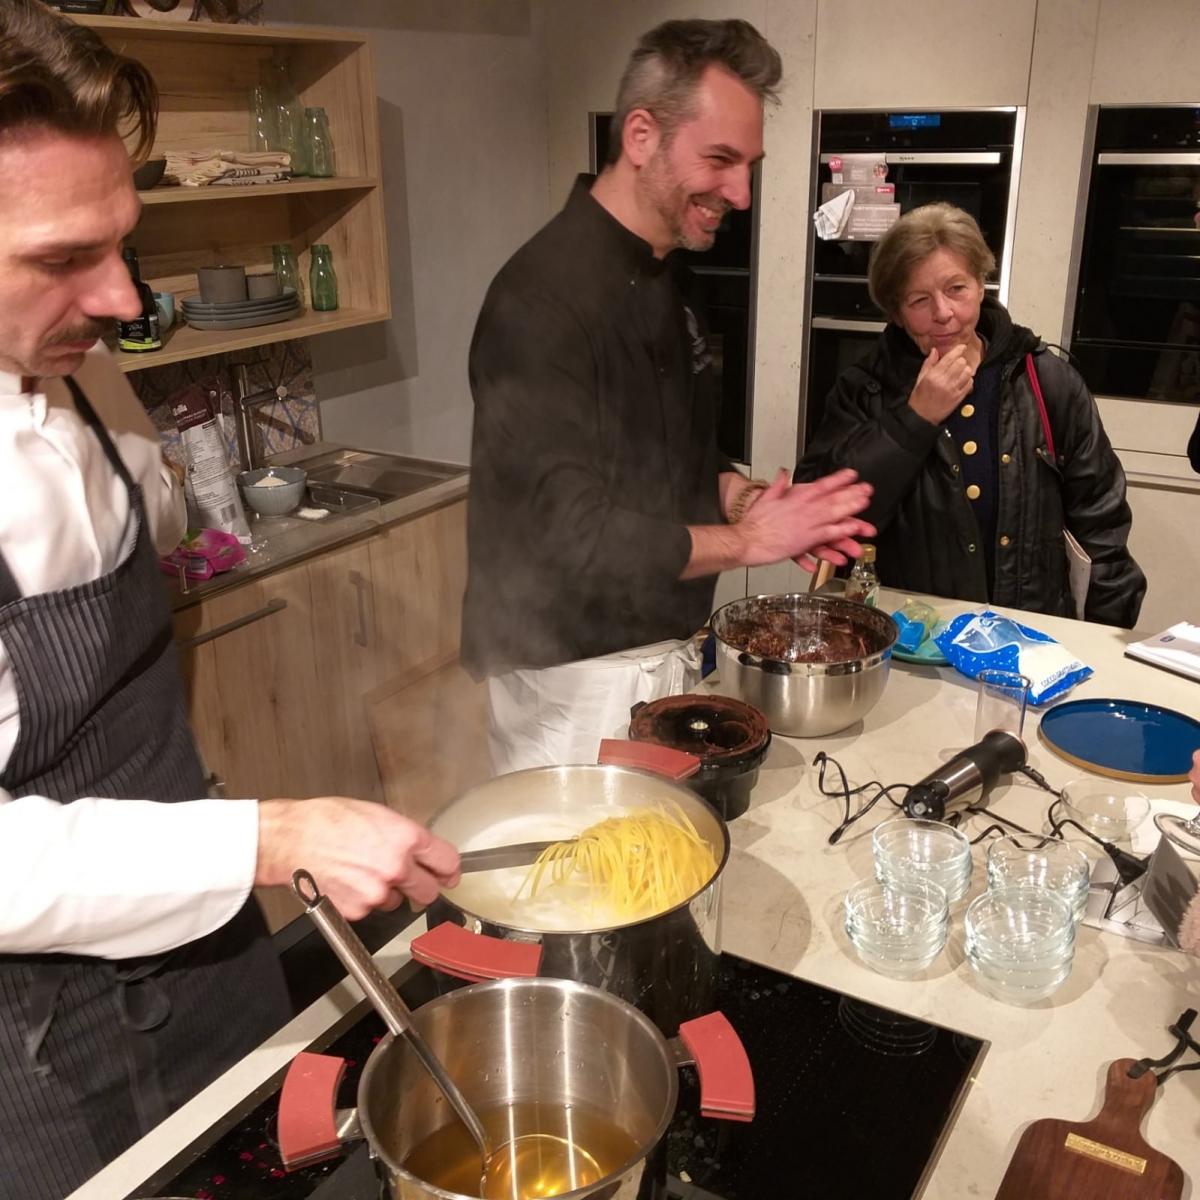 Da una parte chef Stefano Grandi prepara la cacio e pepe con finta bottarga di cioccolato, dall'altra chef Cristiano Bonolo sta realizzando un ottimo dolce vegano a base di frutta secca e cacao